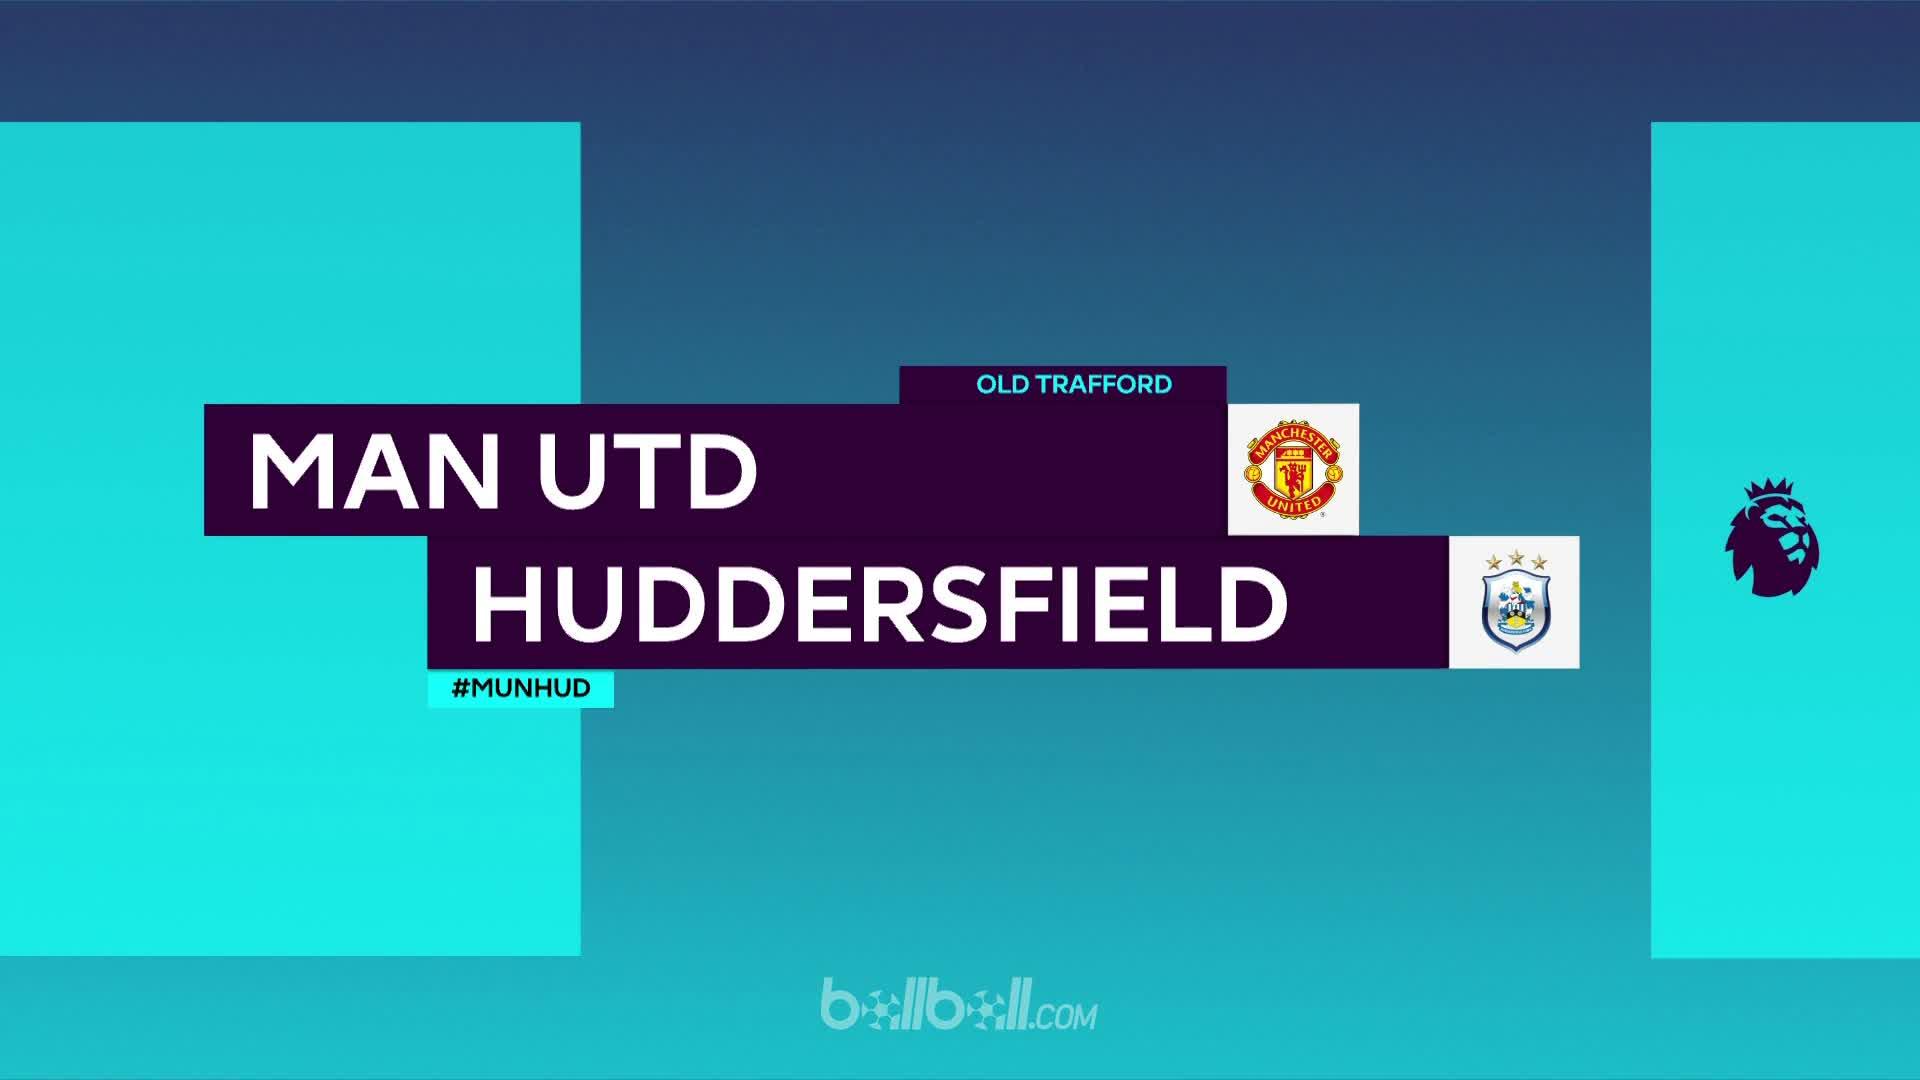 huddersfield-manchester-utd-100604128_1200_96.jpg